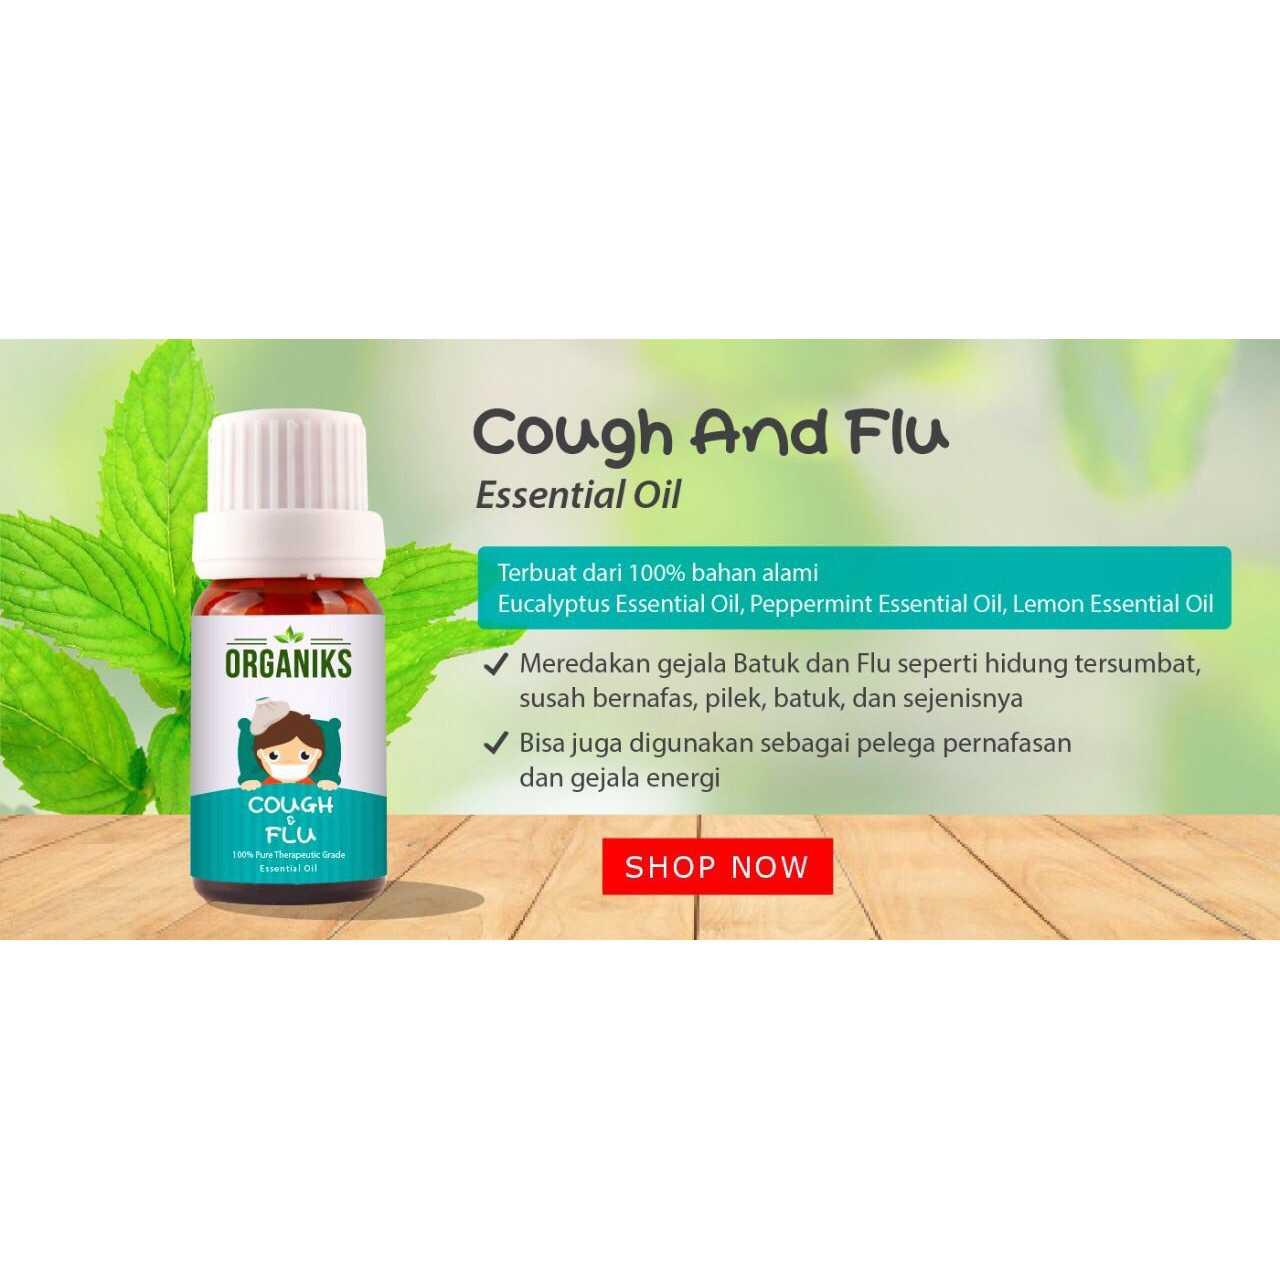 Jual Minyak Aroma Therapy Esensial Oil Batuk Pilek Cough Essential Terapi